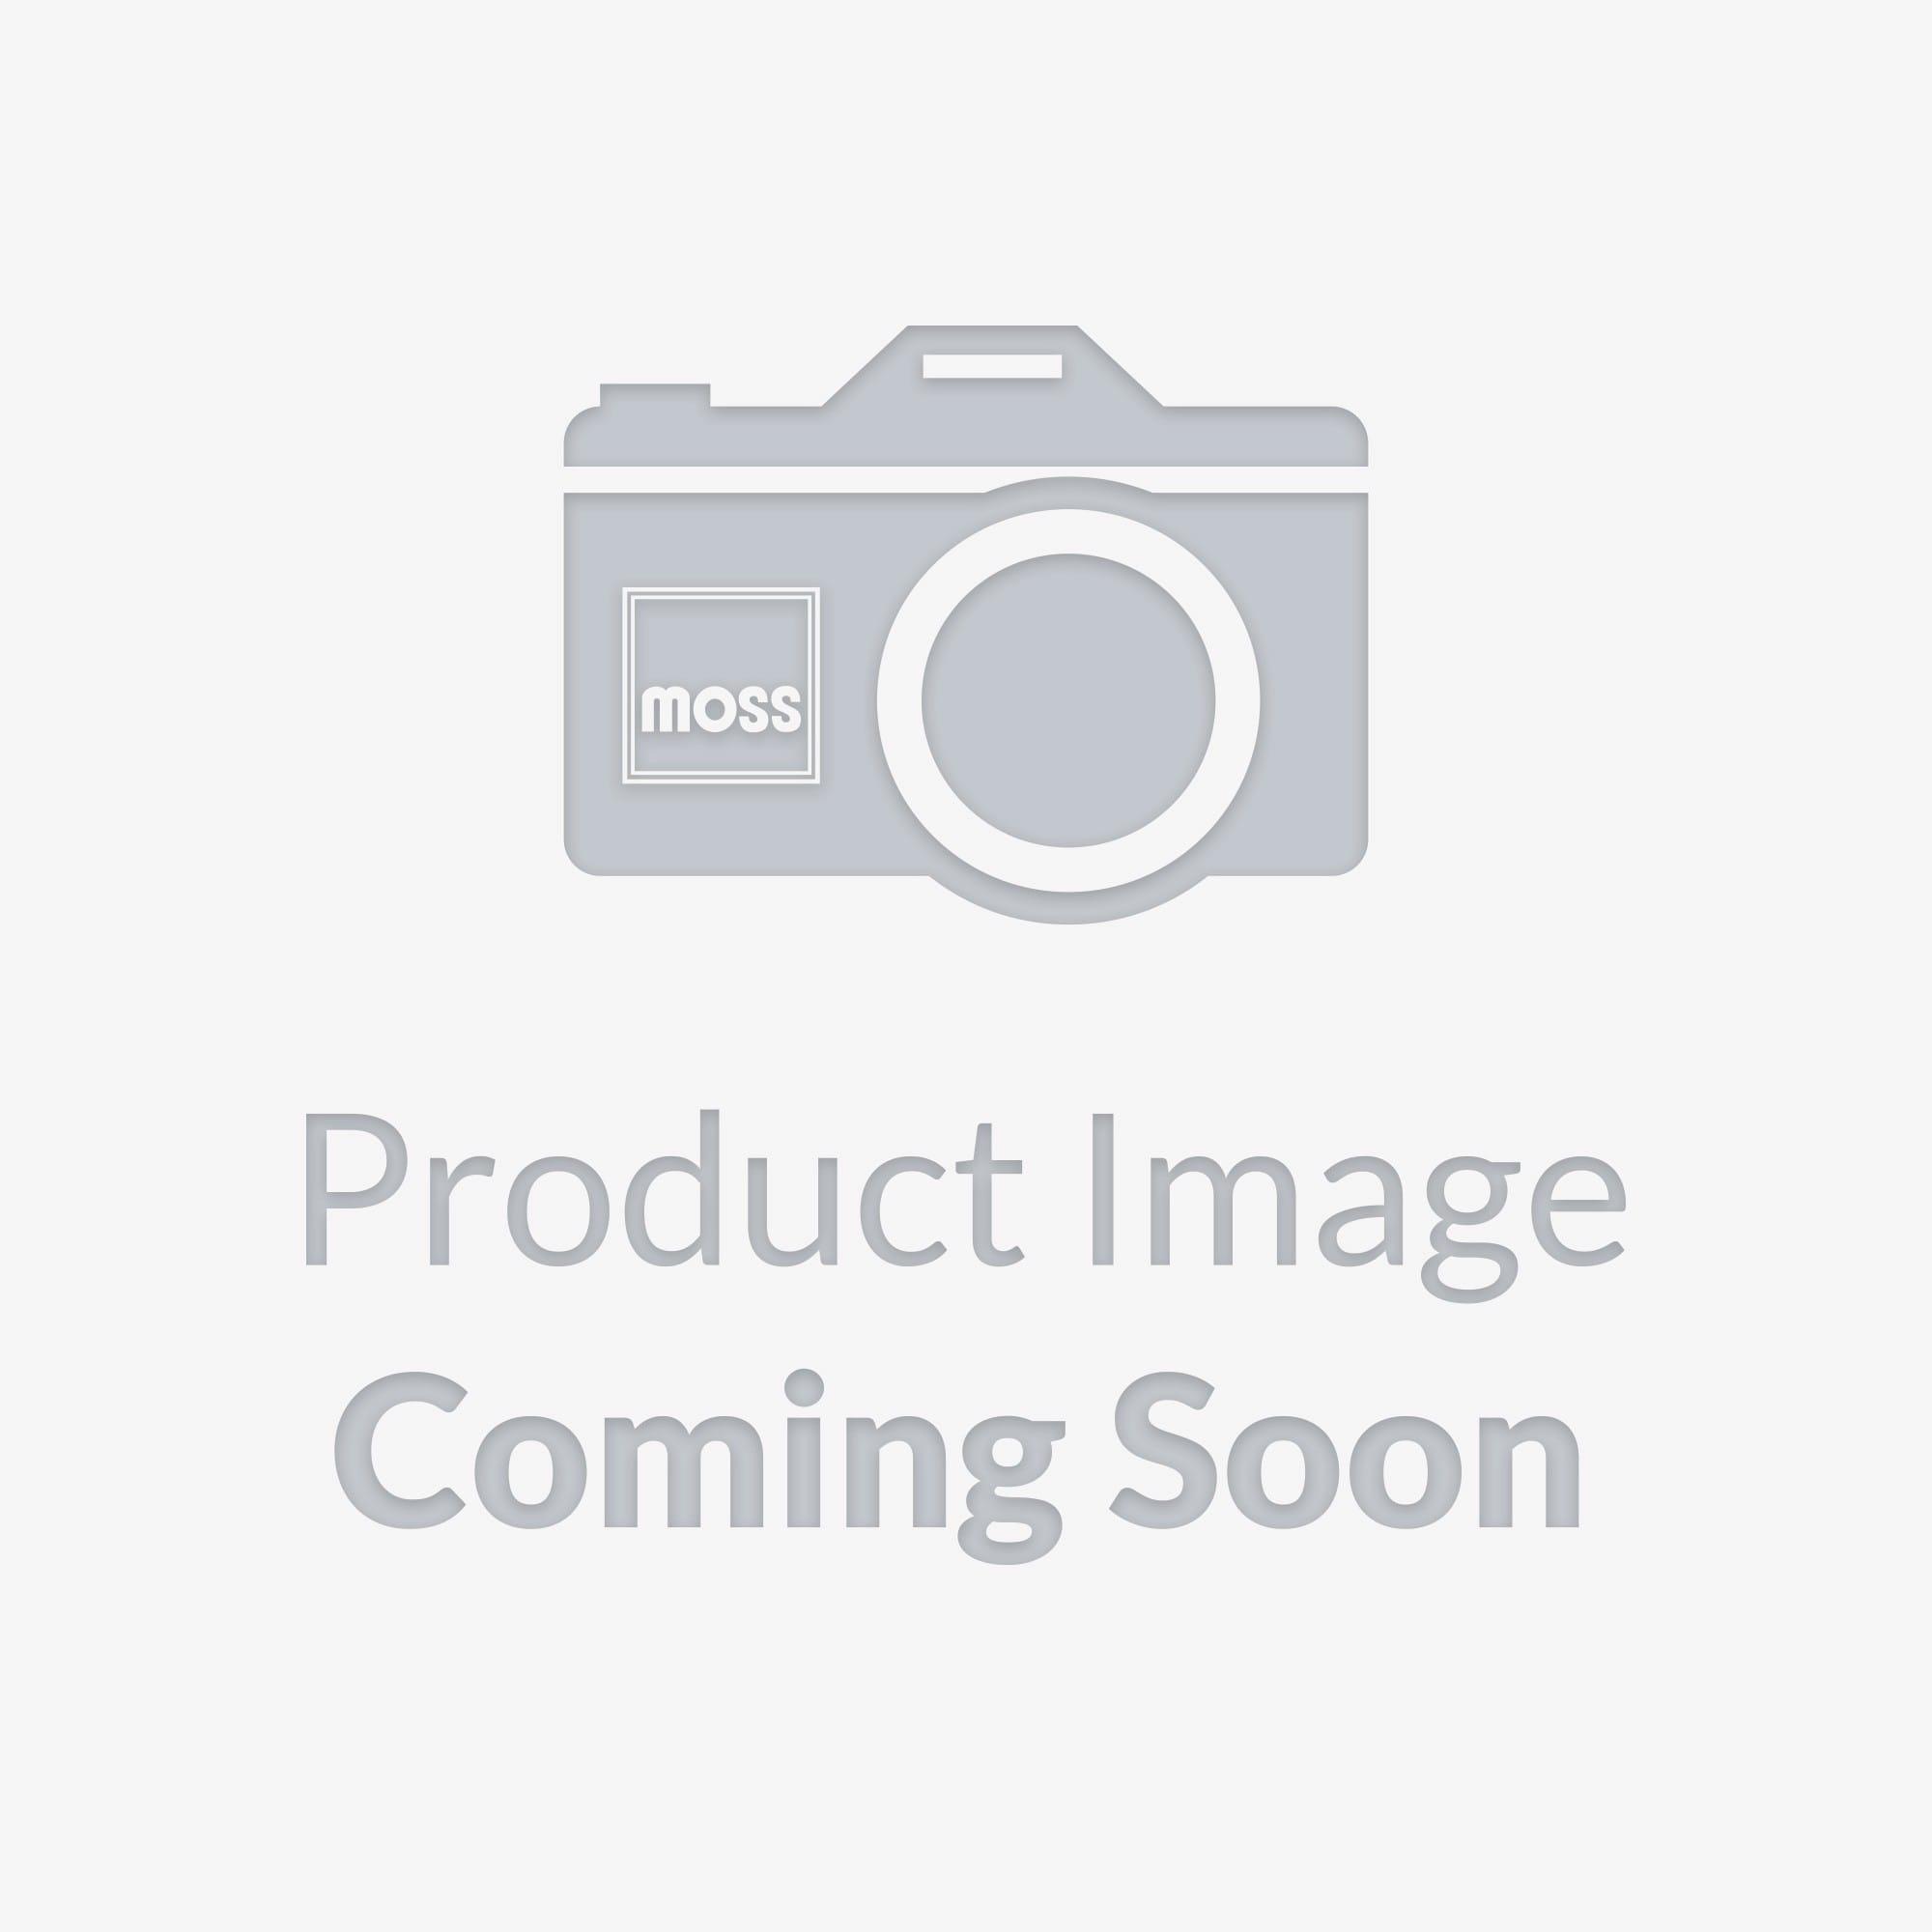 803 605 Door Handle Lock Set 5 Piece Moss Motors